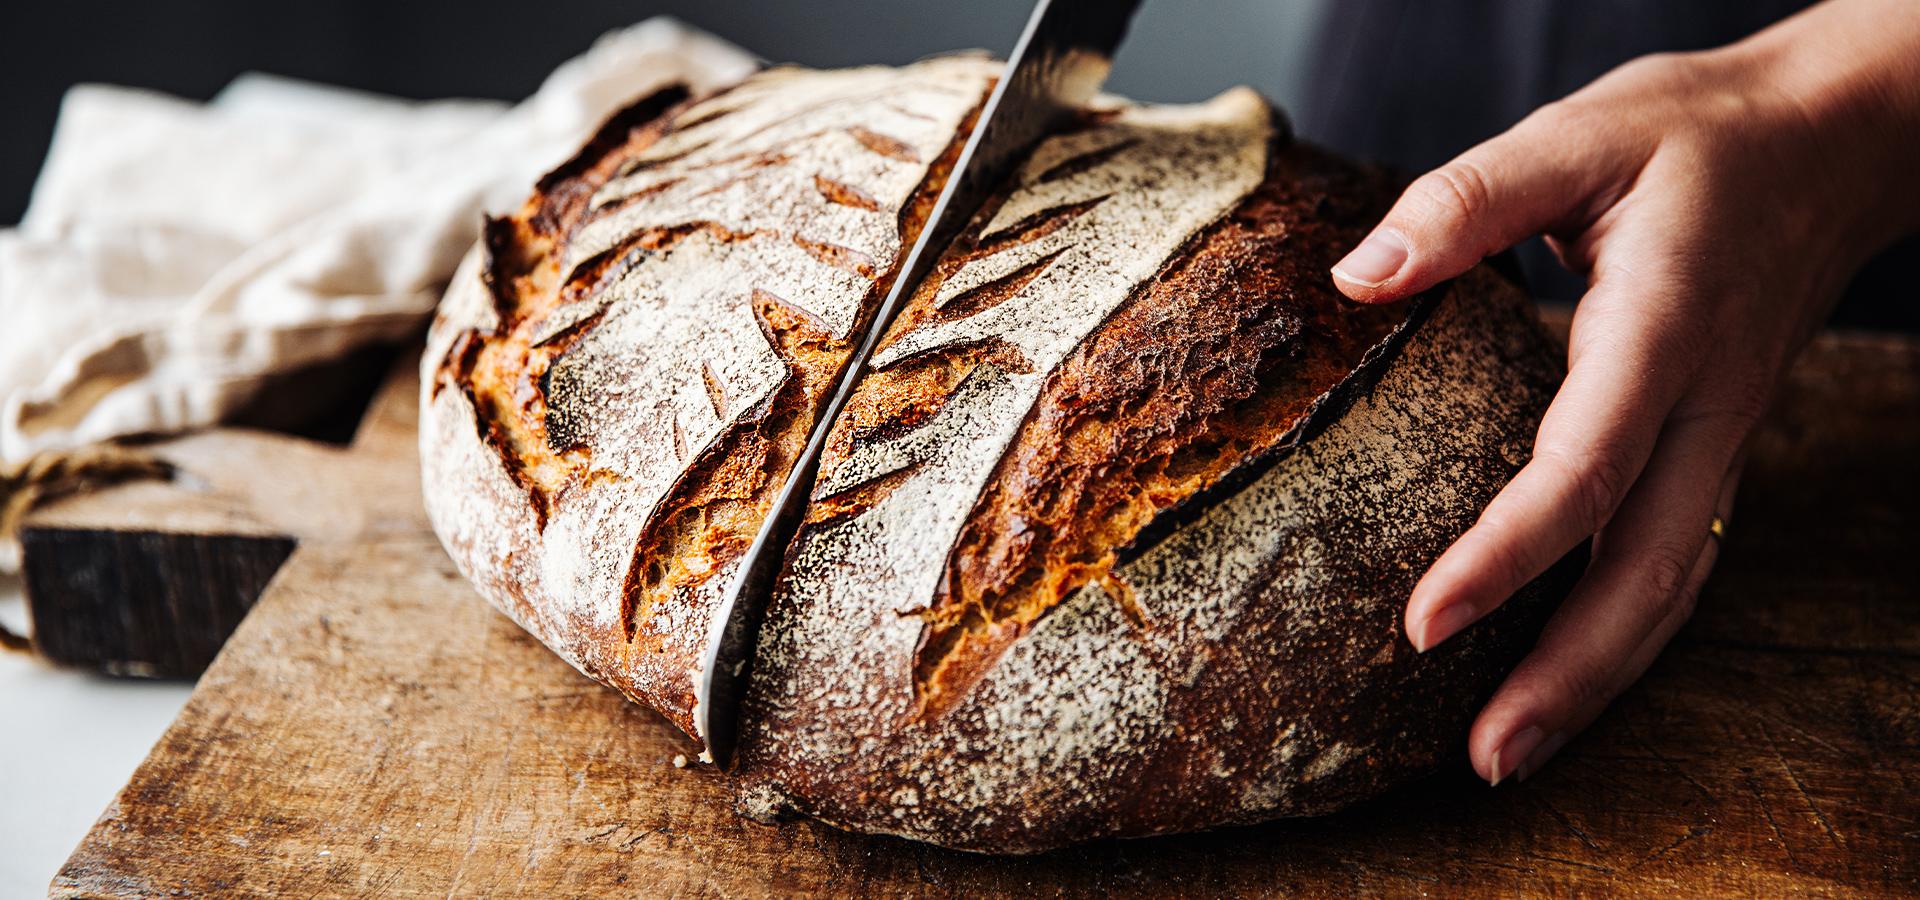 Frisches Brot wird in der Mitte durchgeschnitten